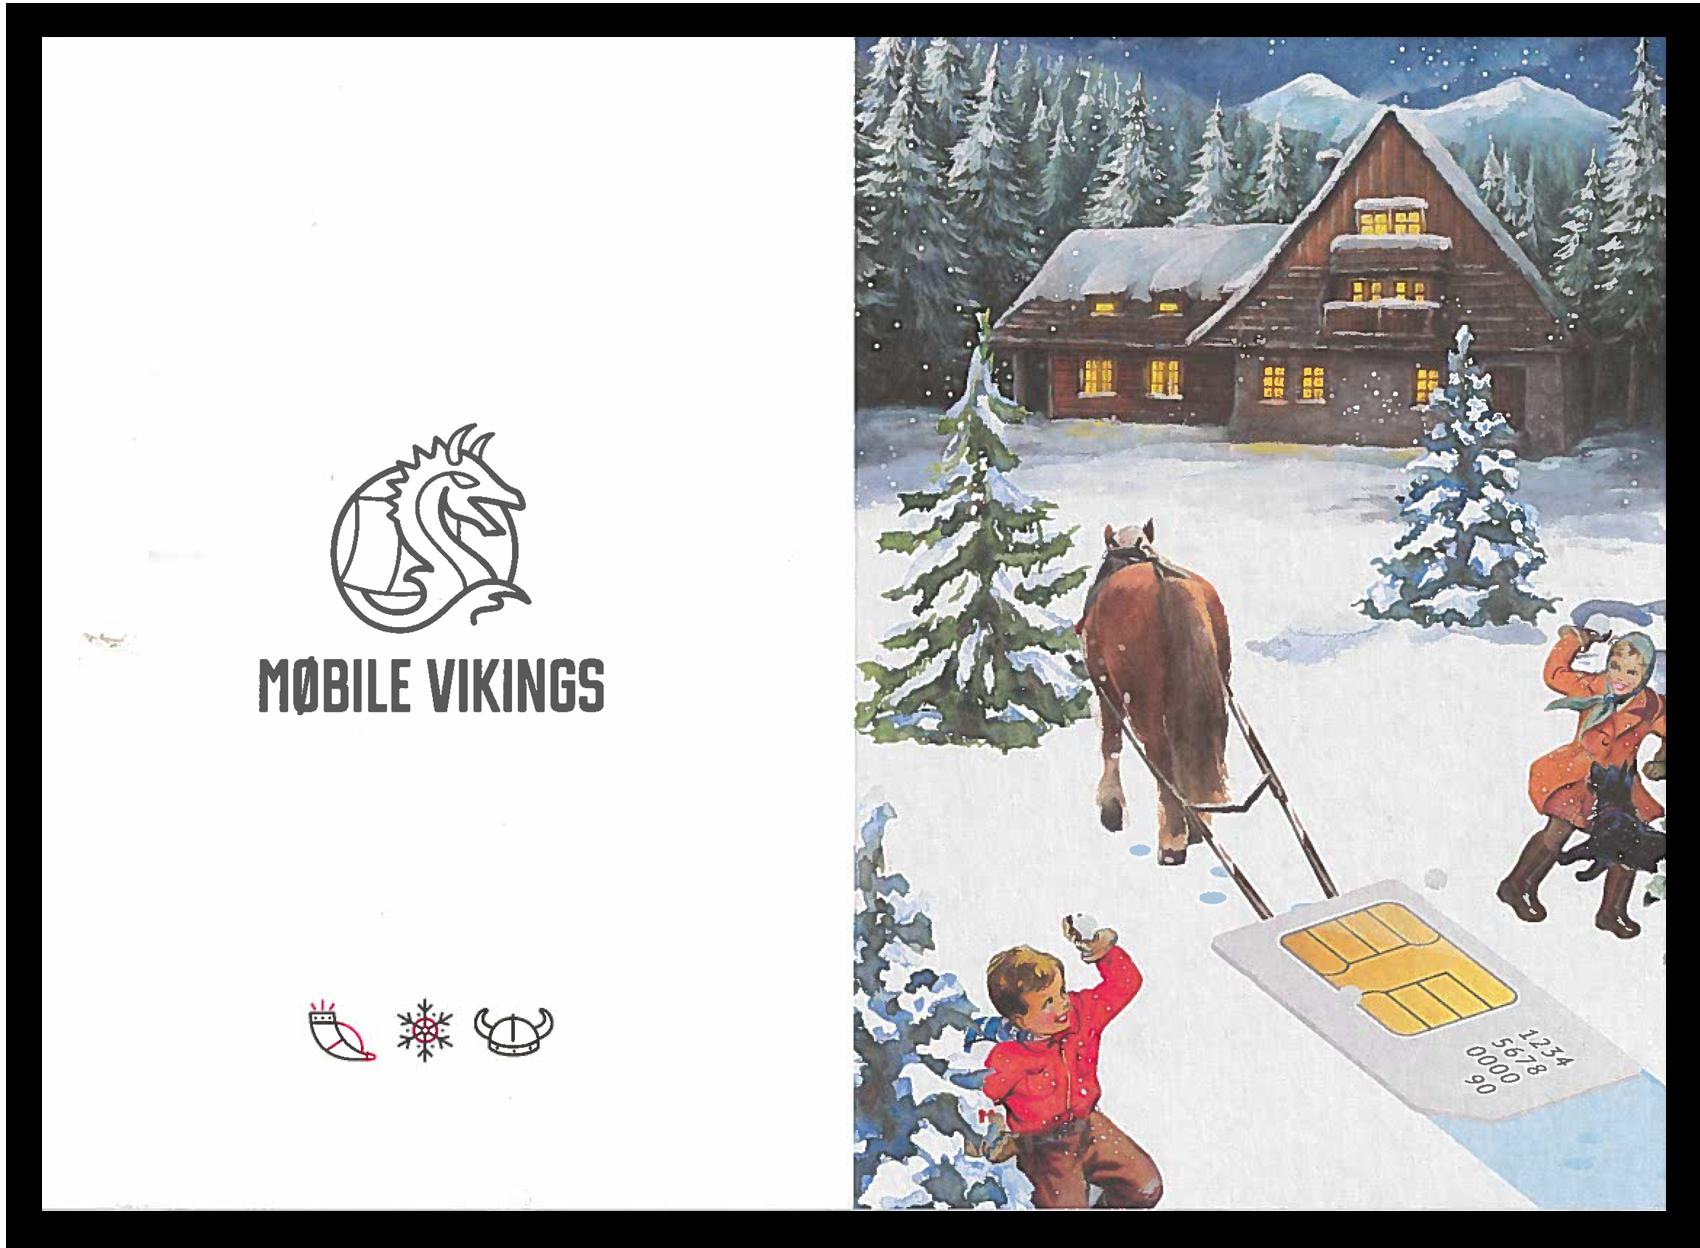 Mobile Vikings - nieuwjaarsbrief